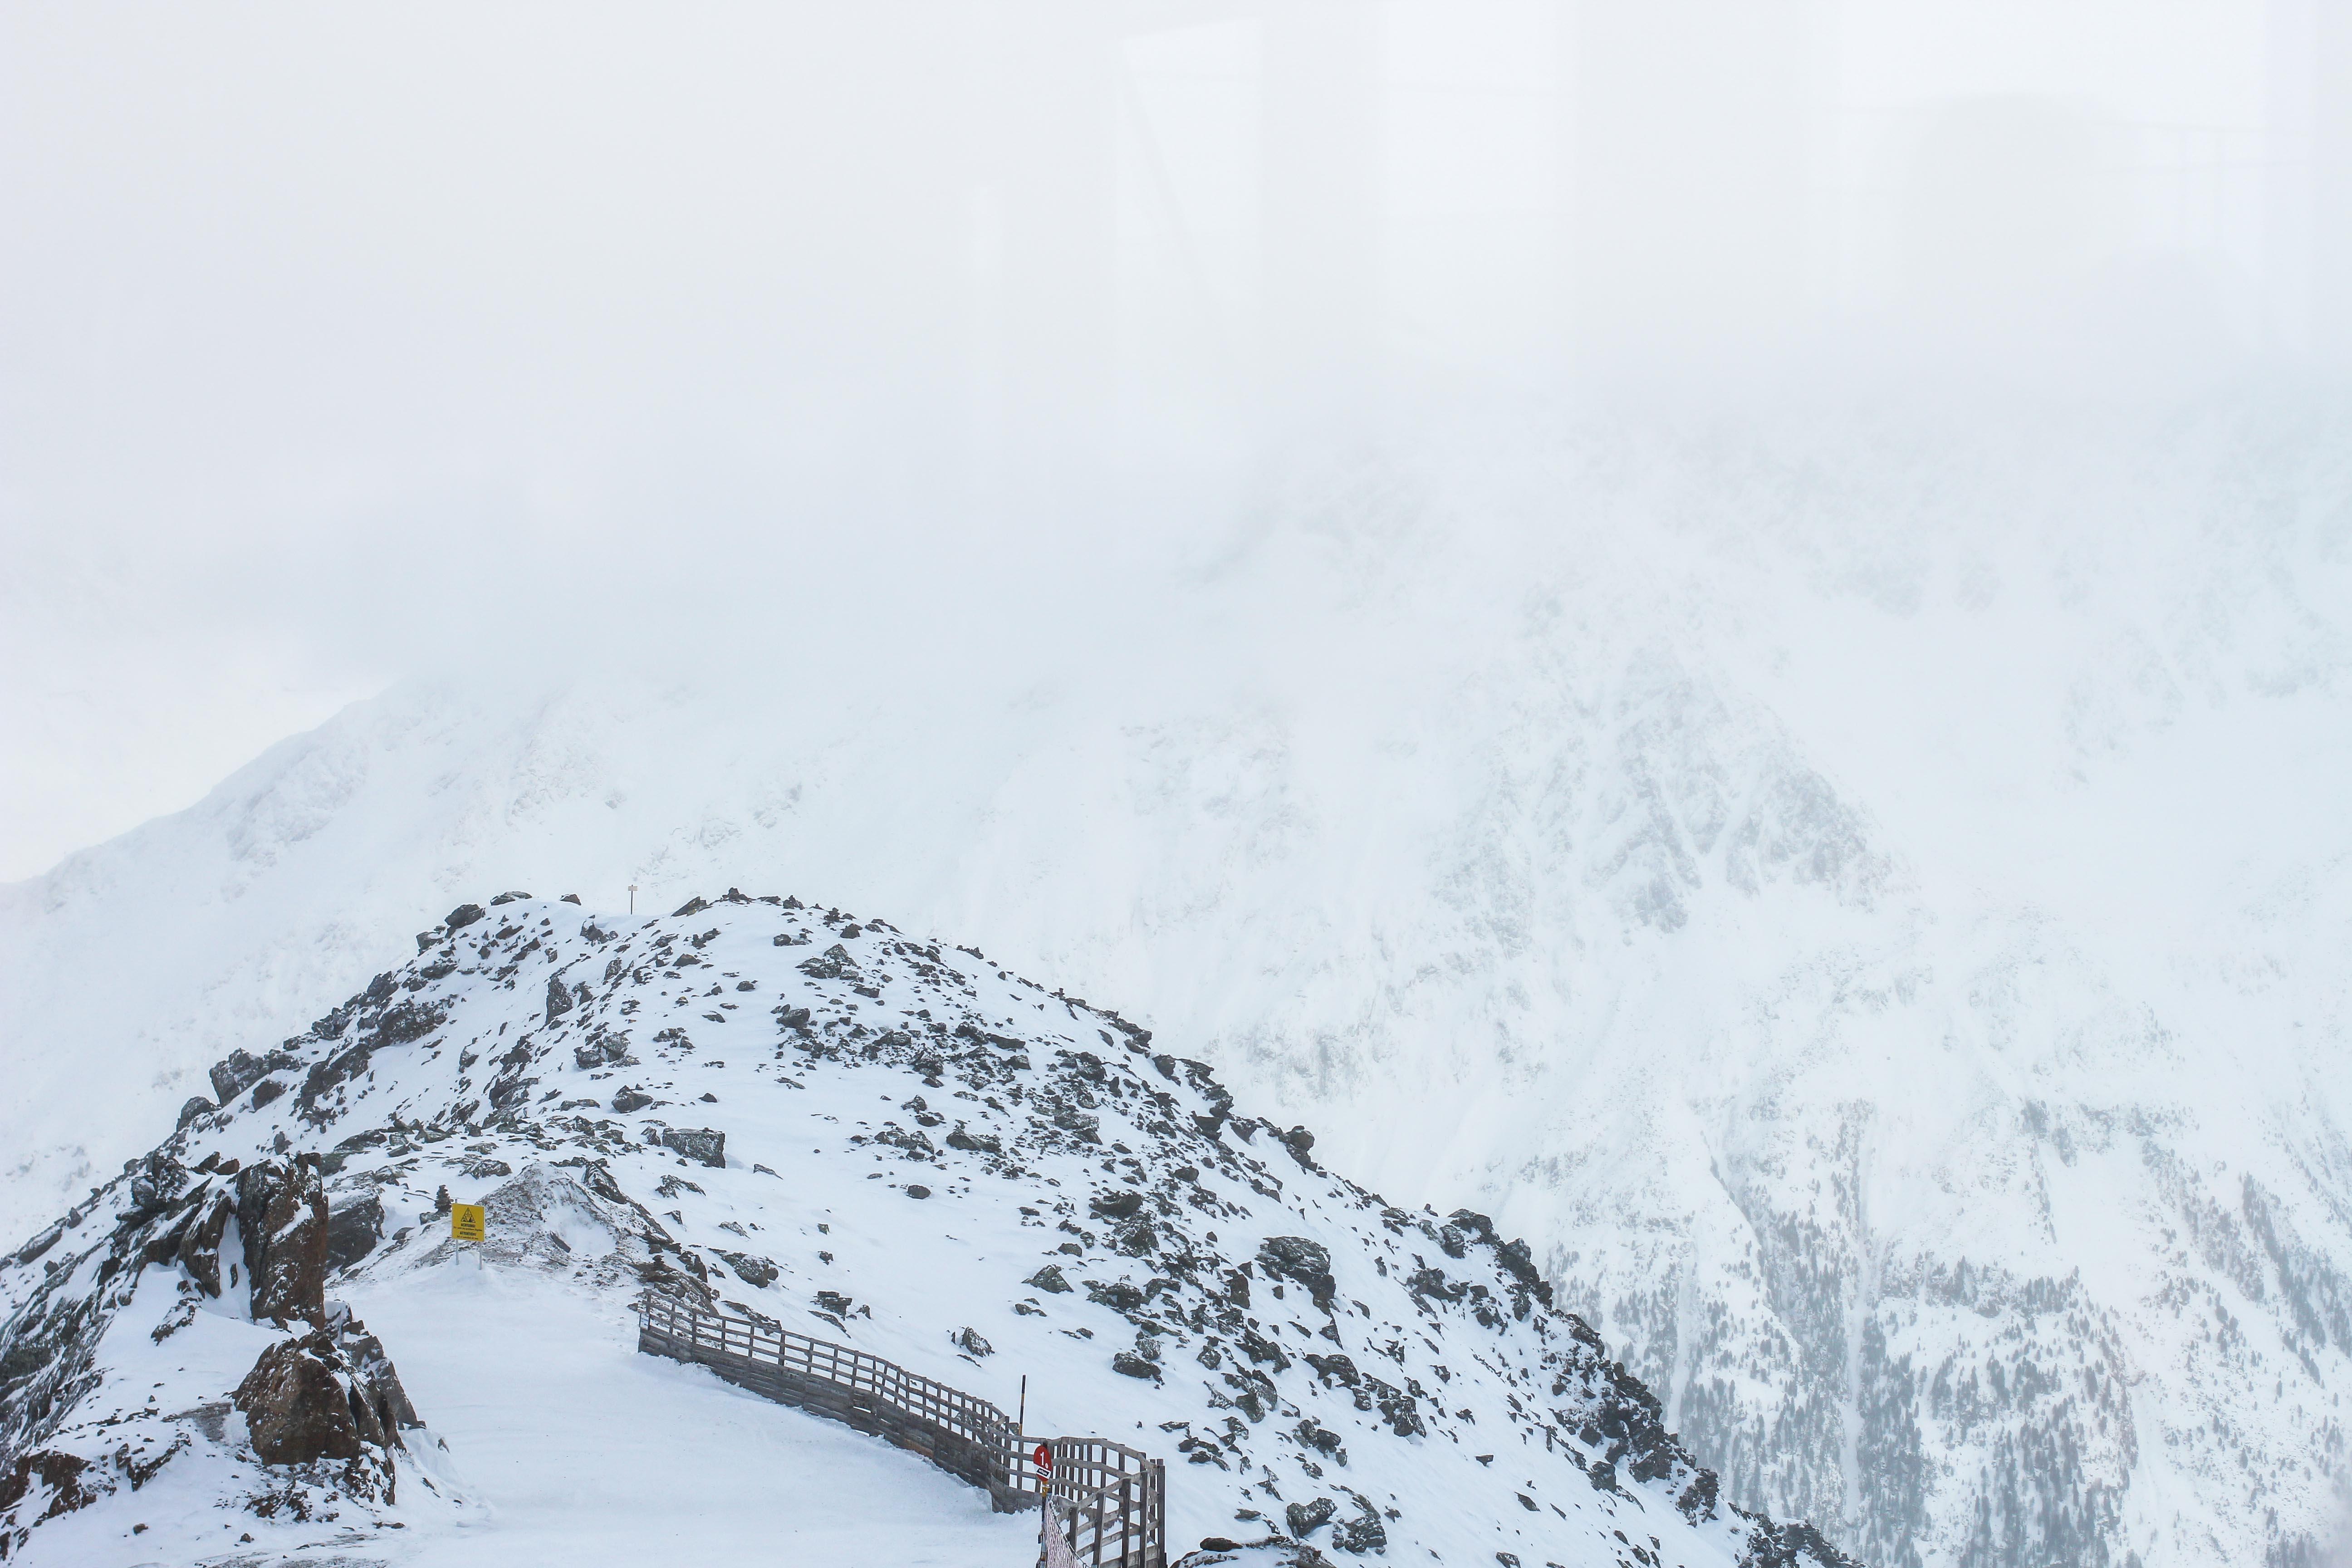 Gipfelaussicht Berge Schnee iceQ Sölden Tirol Österreich James Bond Location Spectre 3000m Gaislachkogl Reiseblog